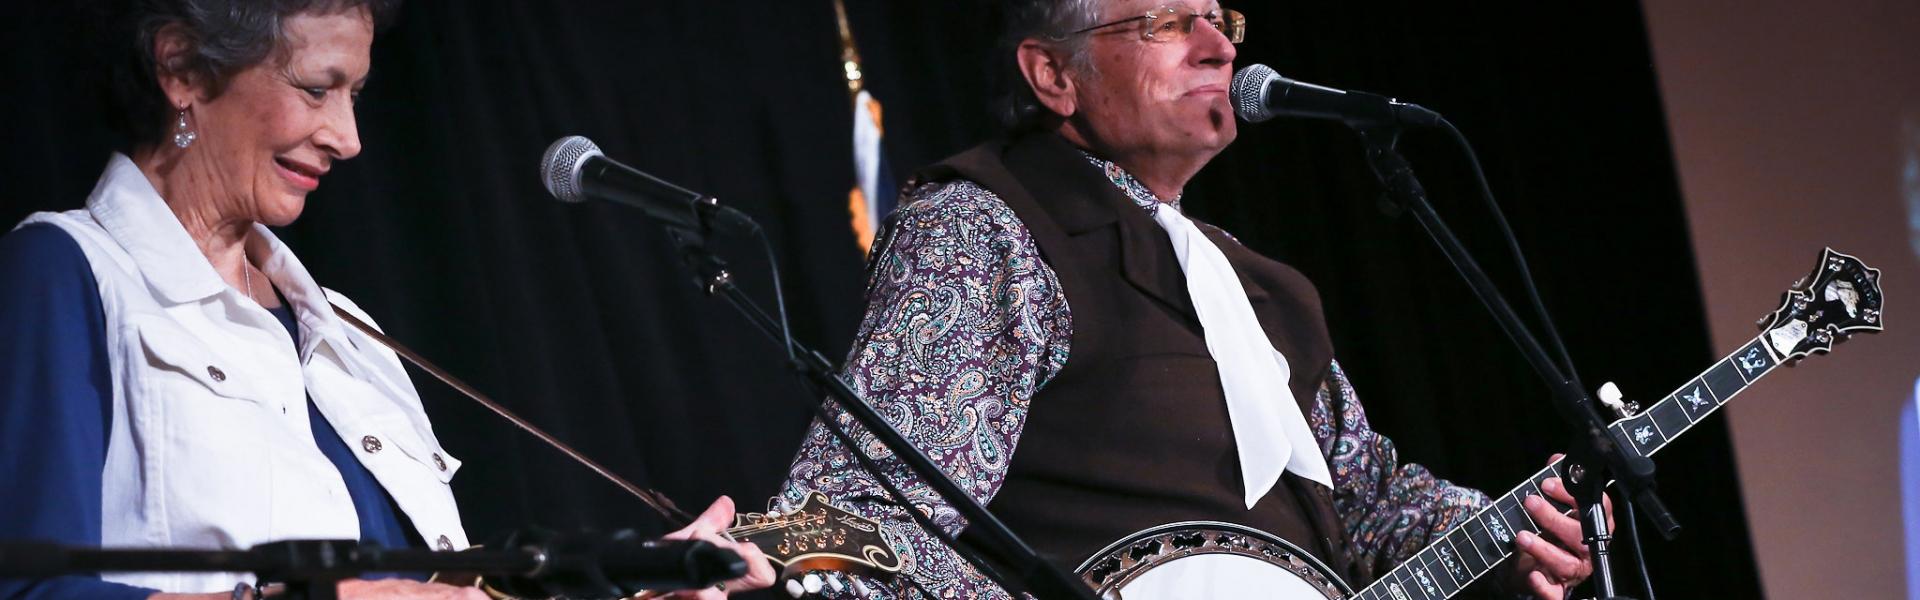 banjo-playing